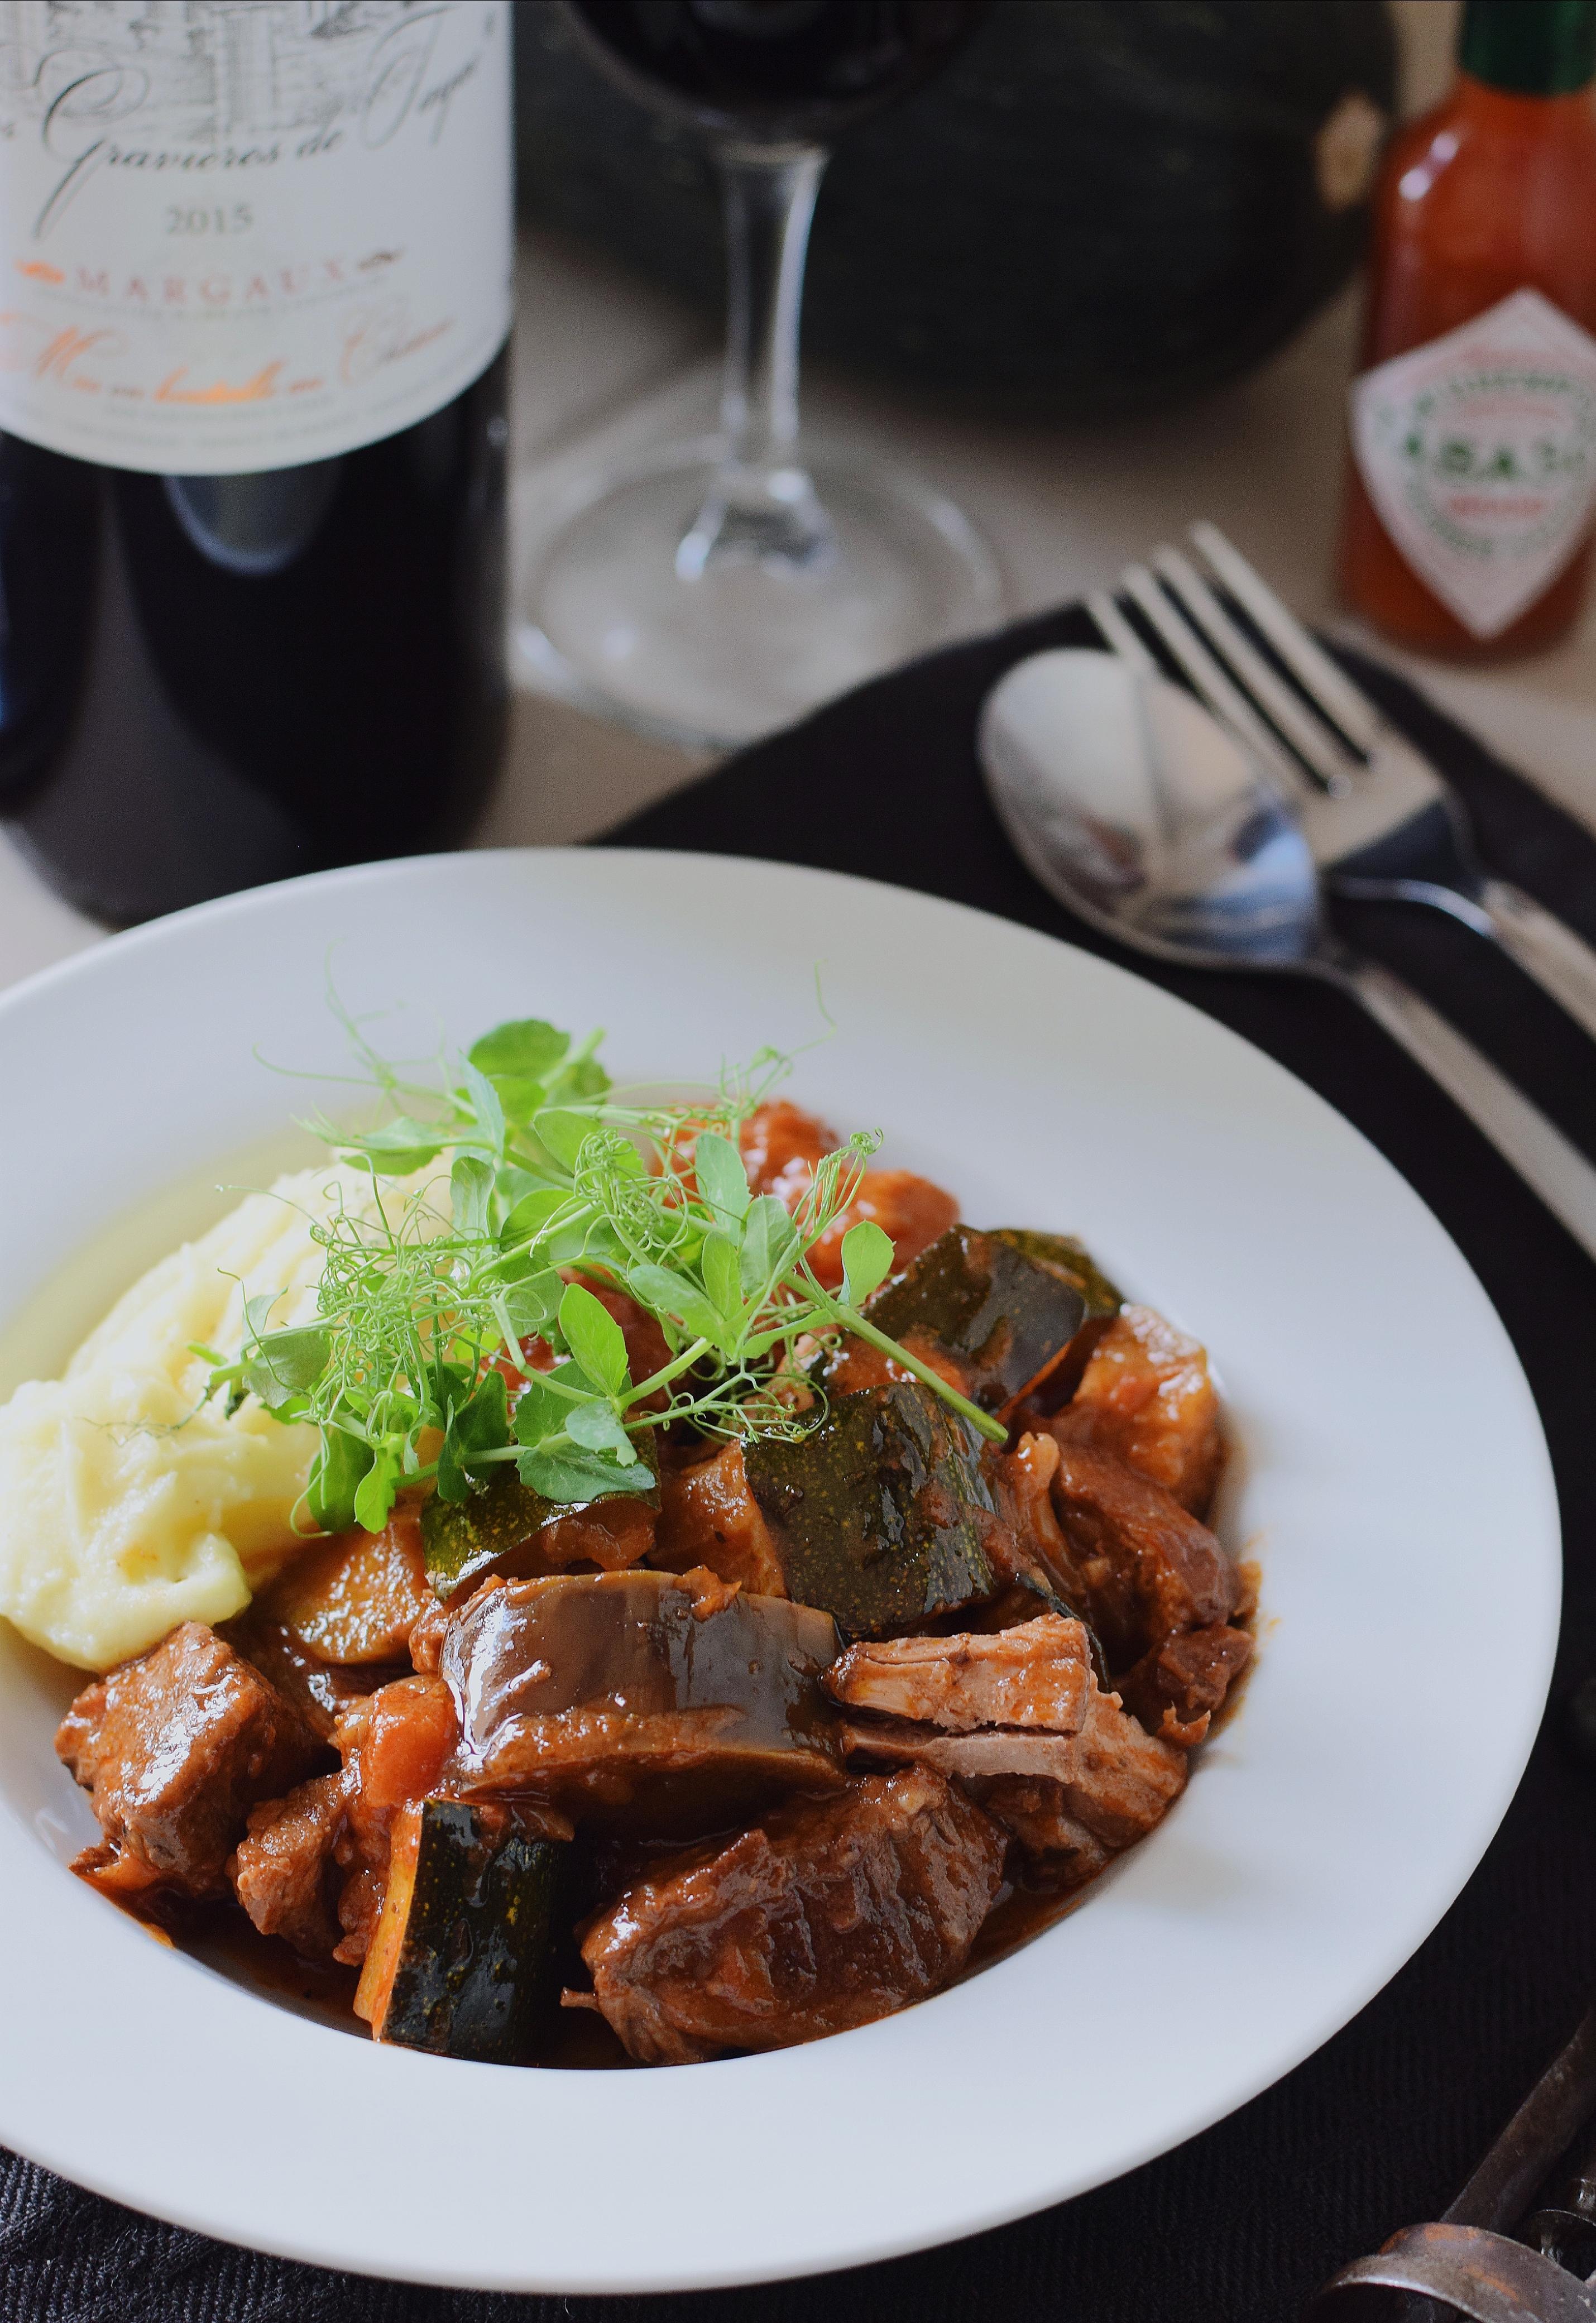 Overheerlijke stoofvleesragu met aubergine/courgette en puree met olijfolie